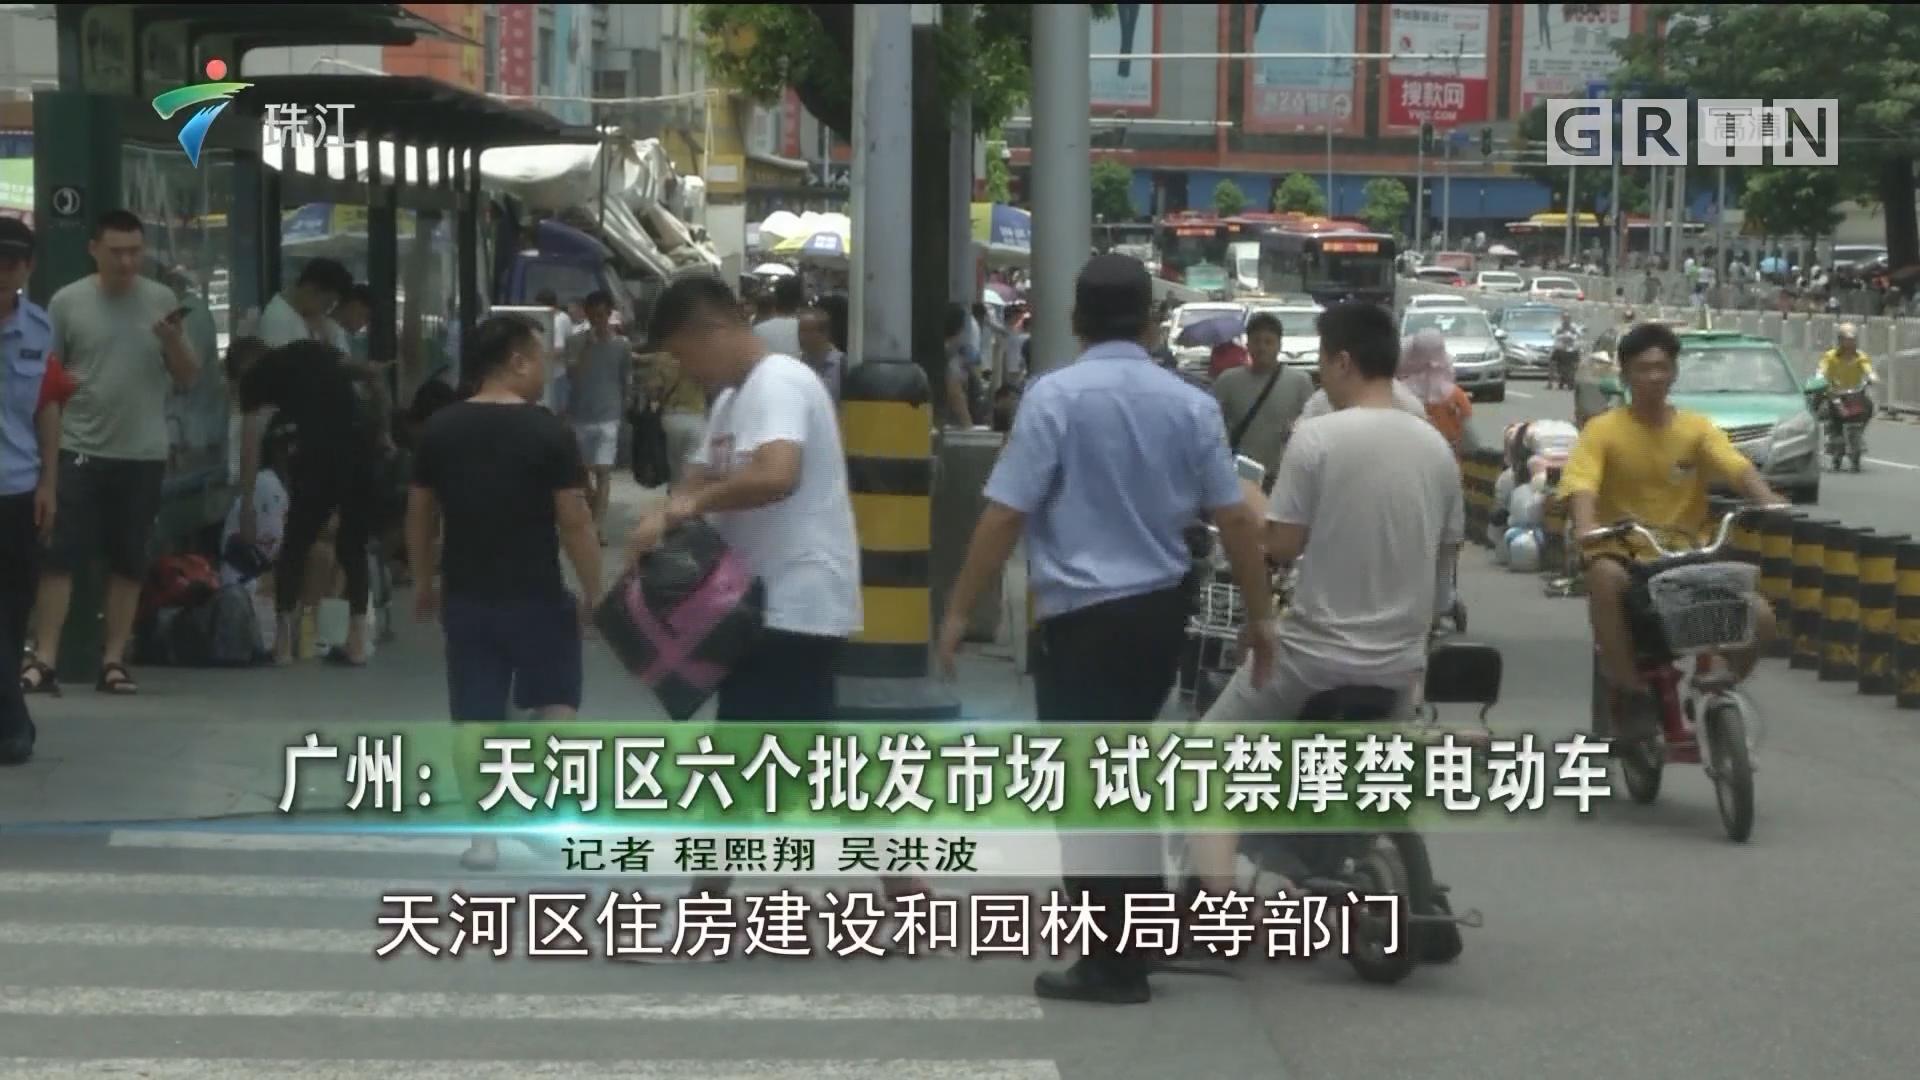 广州:天河区六个批发市场 试行禁摩禁电动车